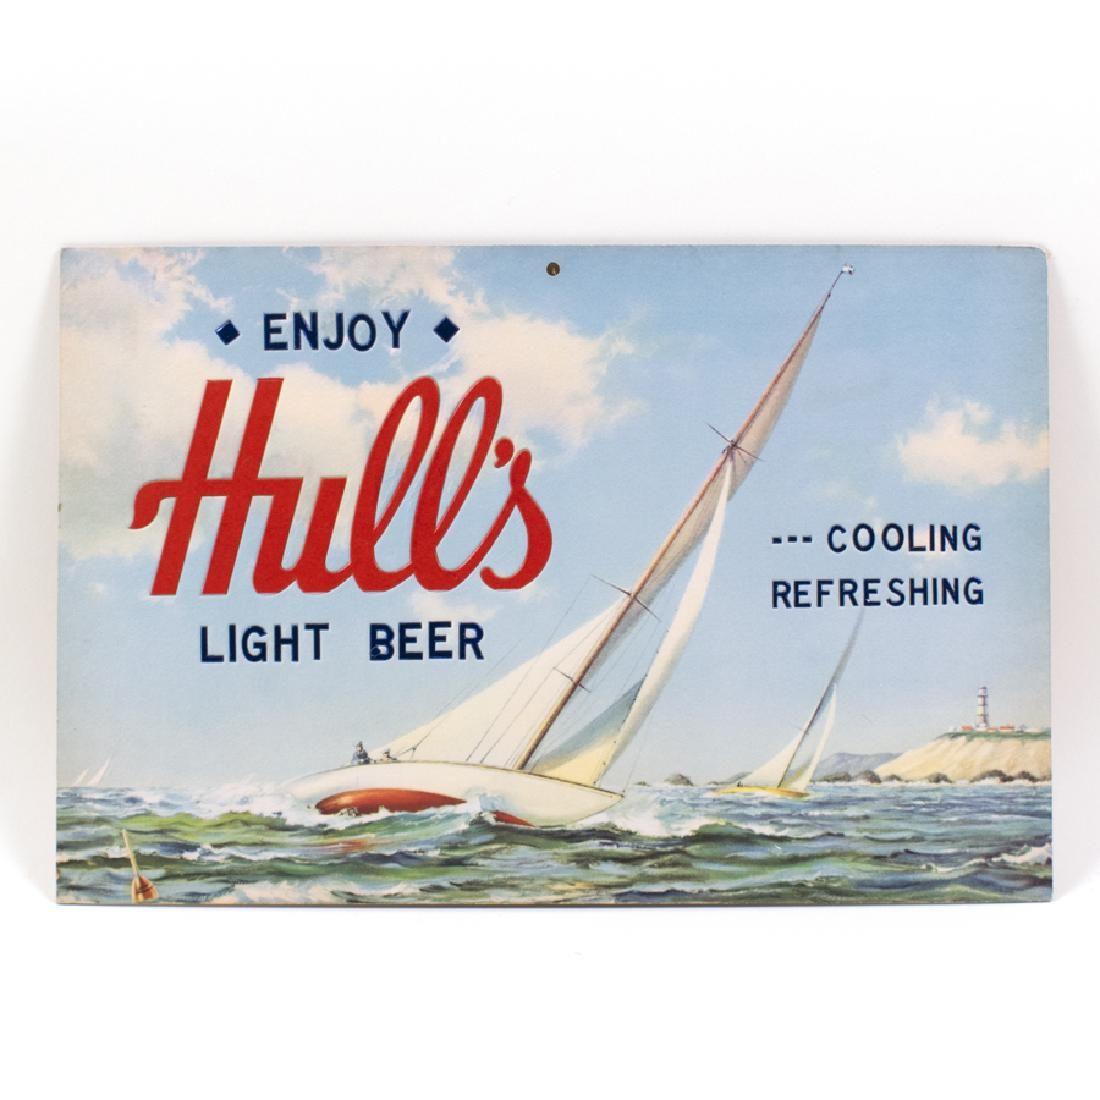 Hulls Light Beer Sailboat Nautical Sign